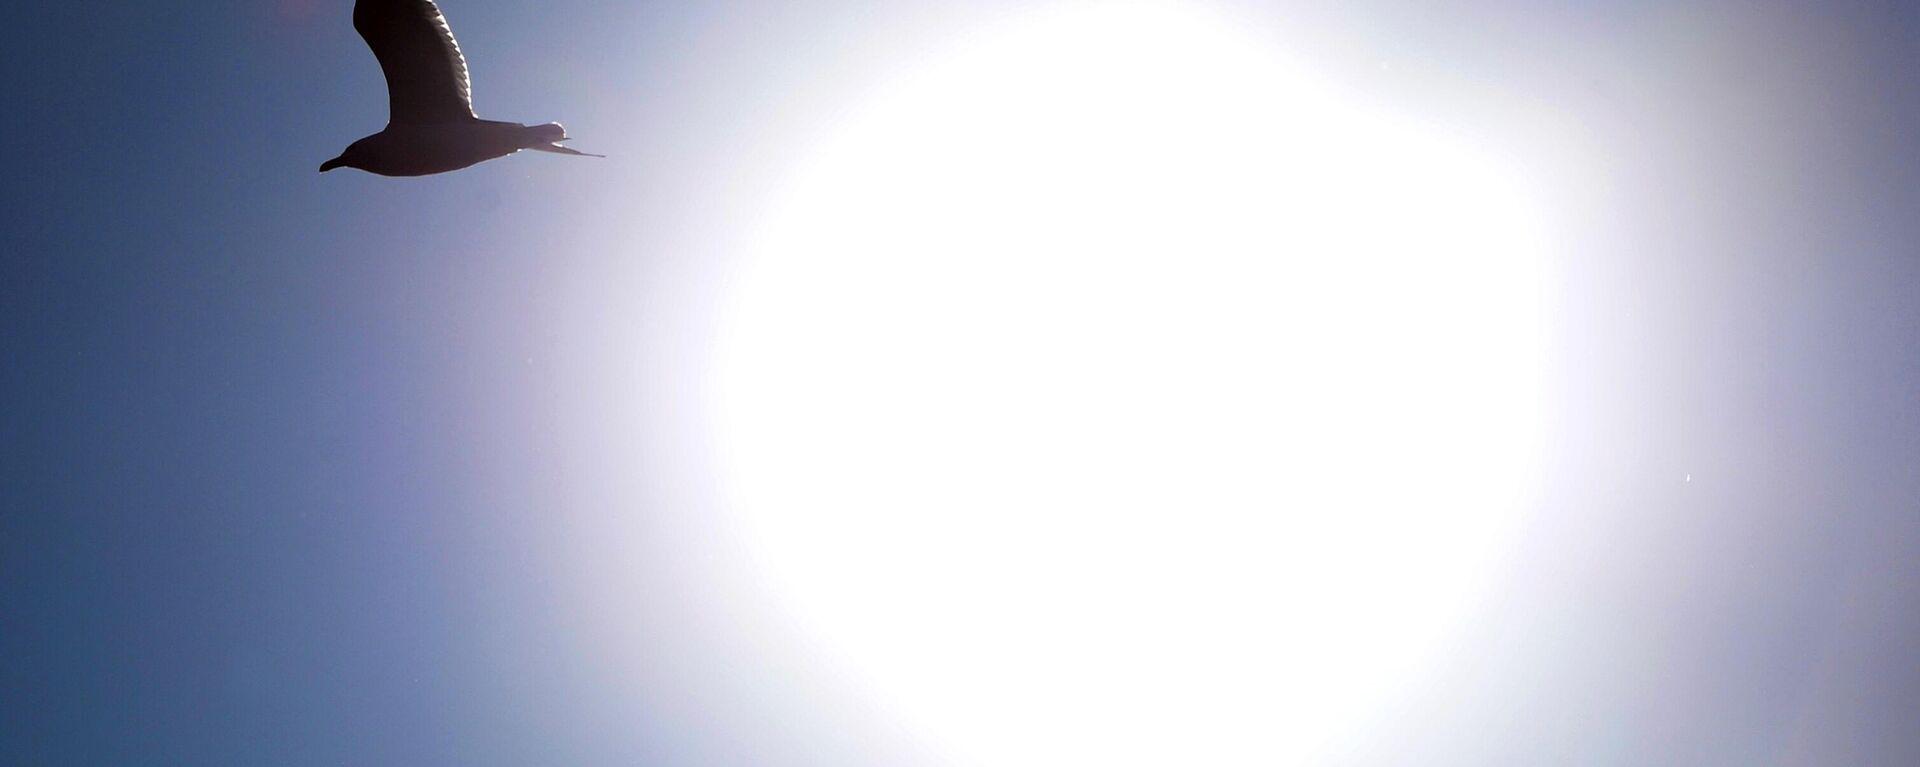 Sonne. Symbolbild - SNA, 1920, 28.03.2021